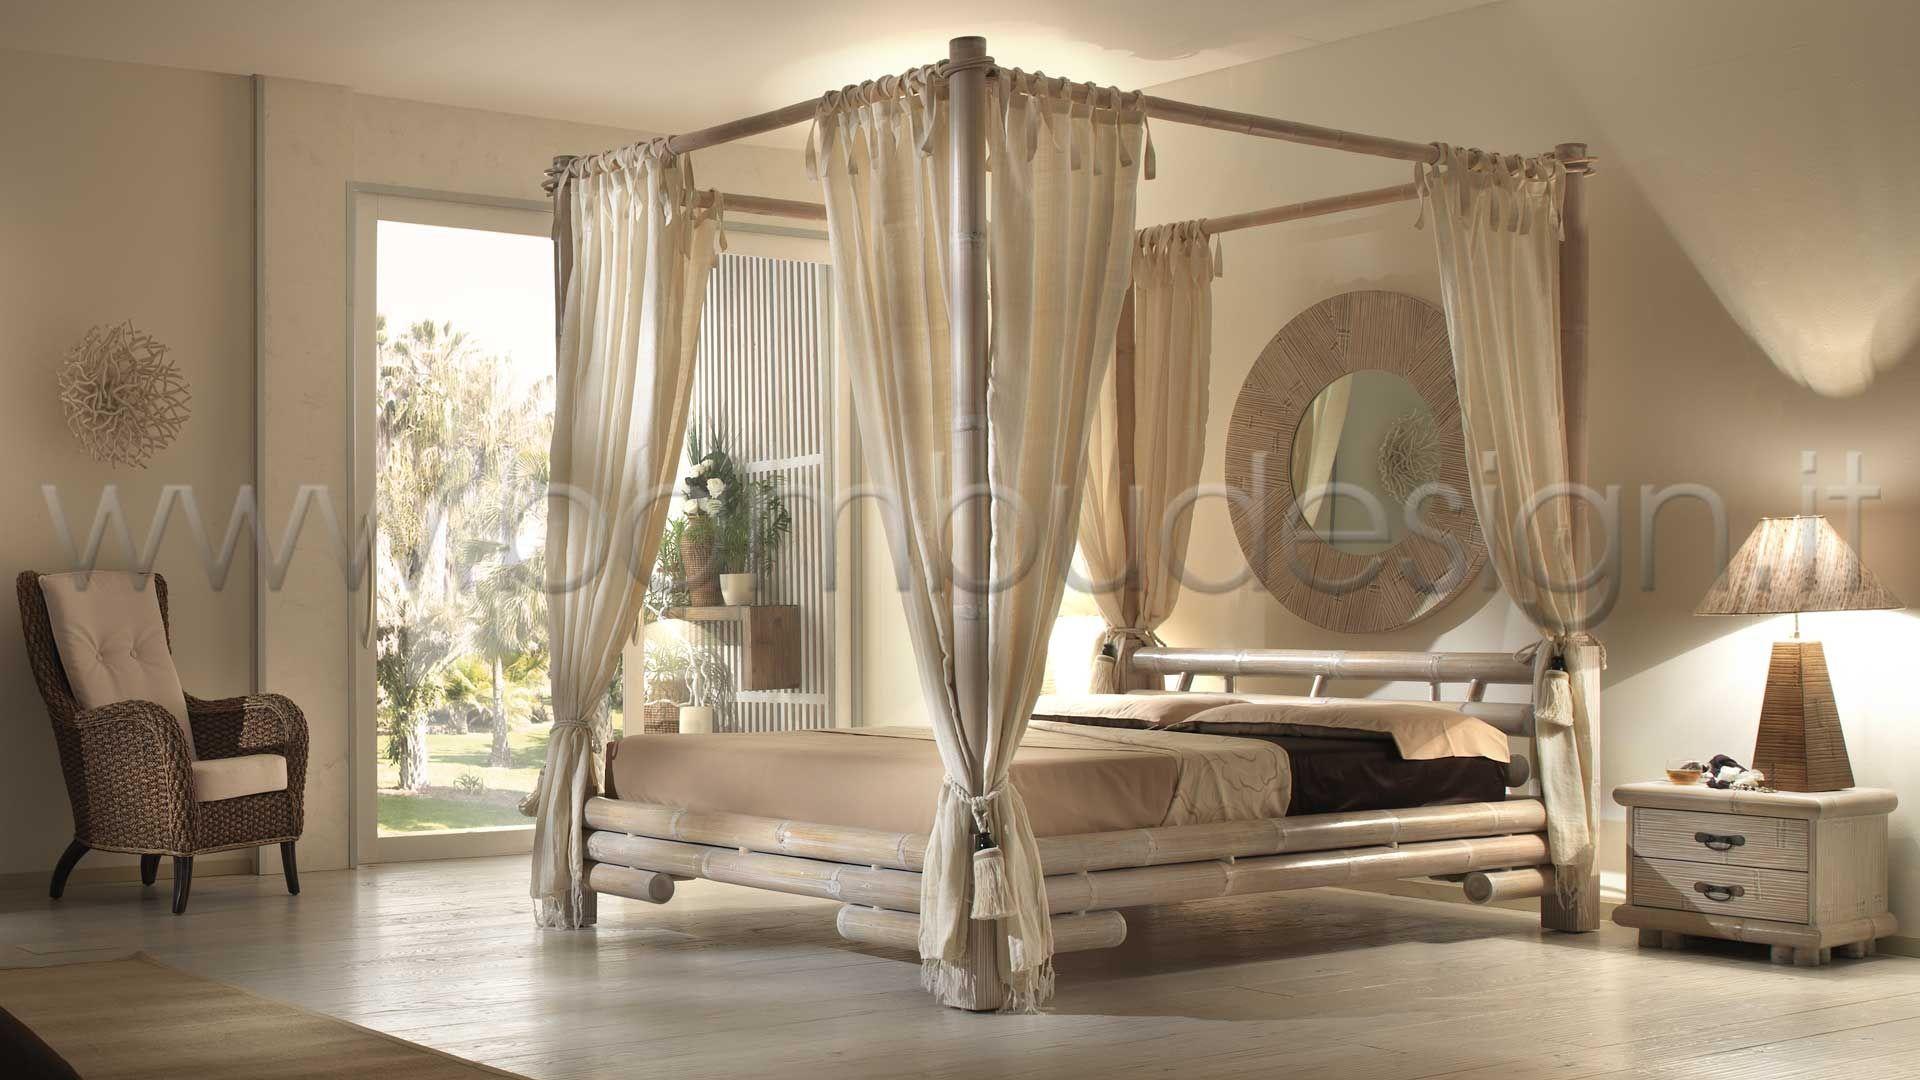 Letti A Baldacchino Antichi : Letti a baldacchino antichi camera da letto singola camera da